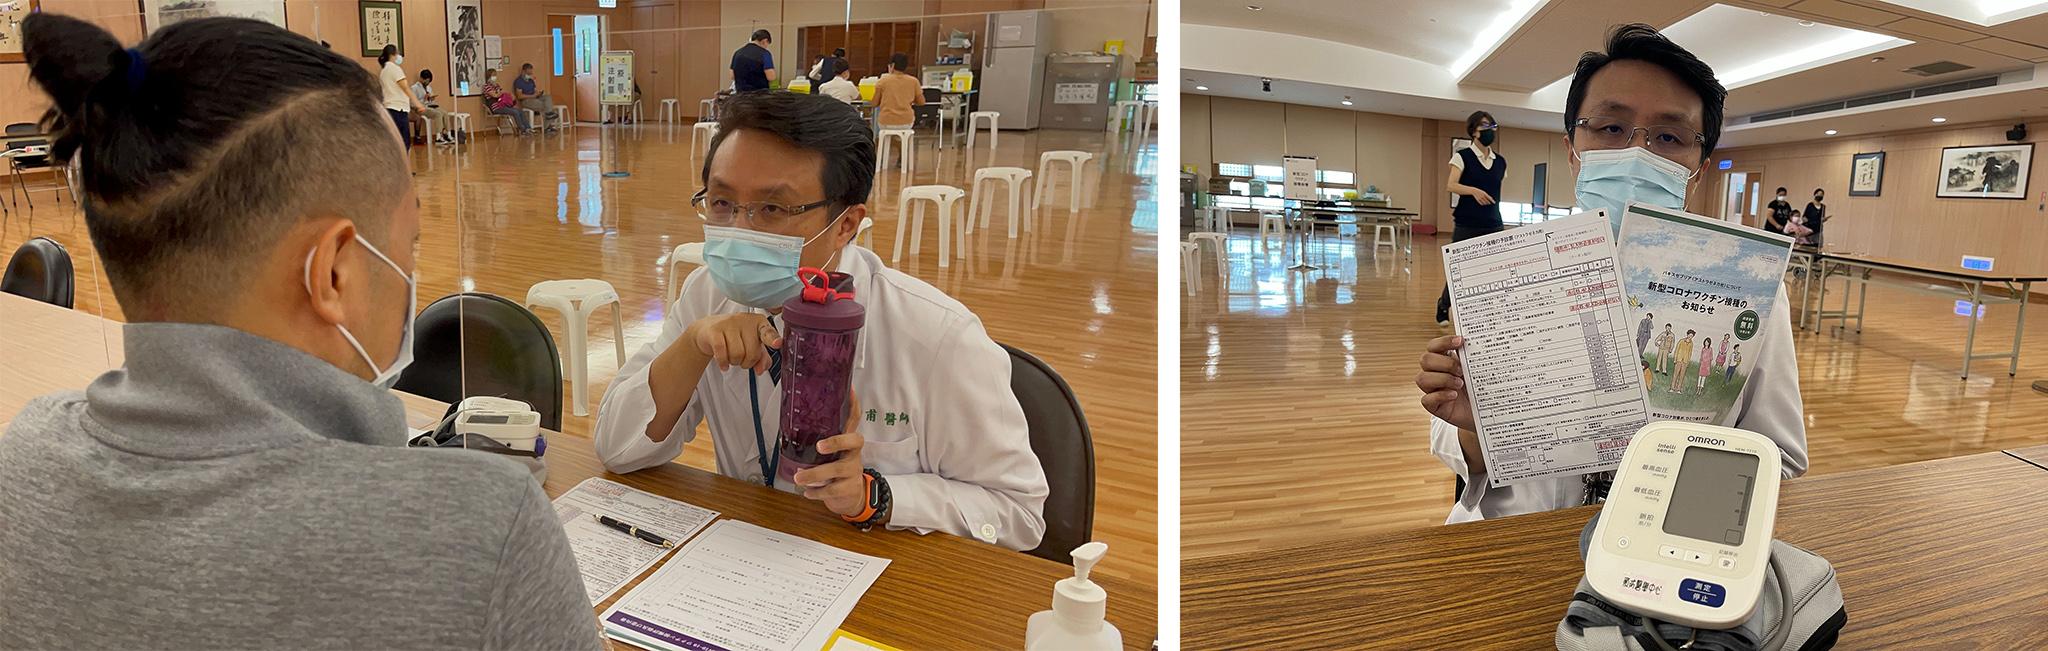 擔任諮詢醫師的郭勁甫副主任非常重視難得的感恩機會,特別到日本厚生勞動省下載疫苗接種相關資料提供給日僑參考,準備血壓計為有血壓問題的日僑量測。